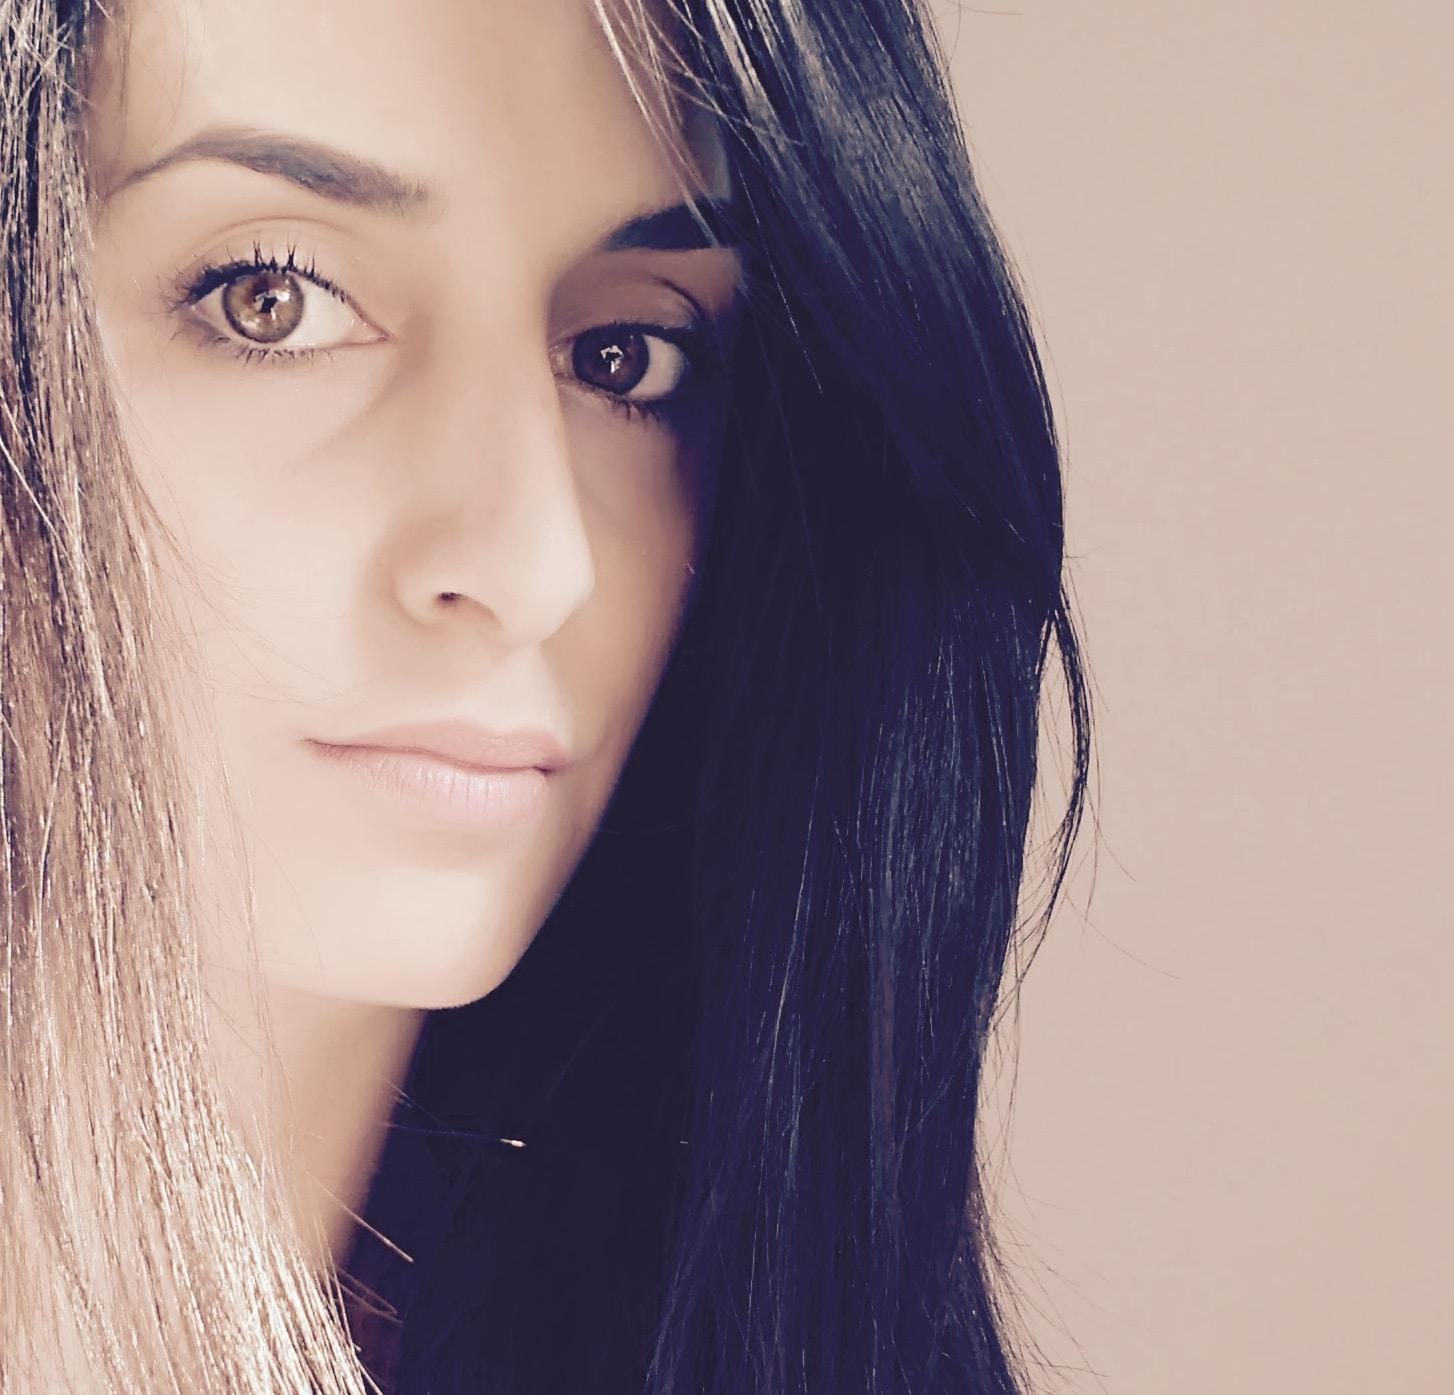 Go to Ralitsa Stoykova's profile